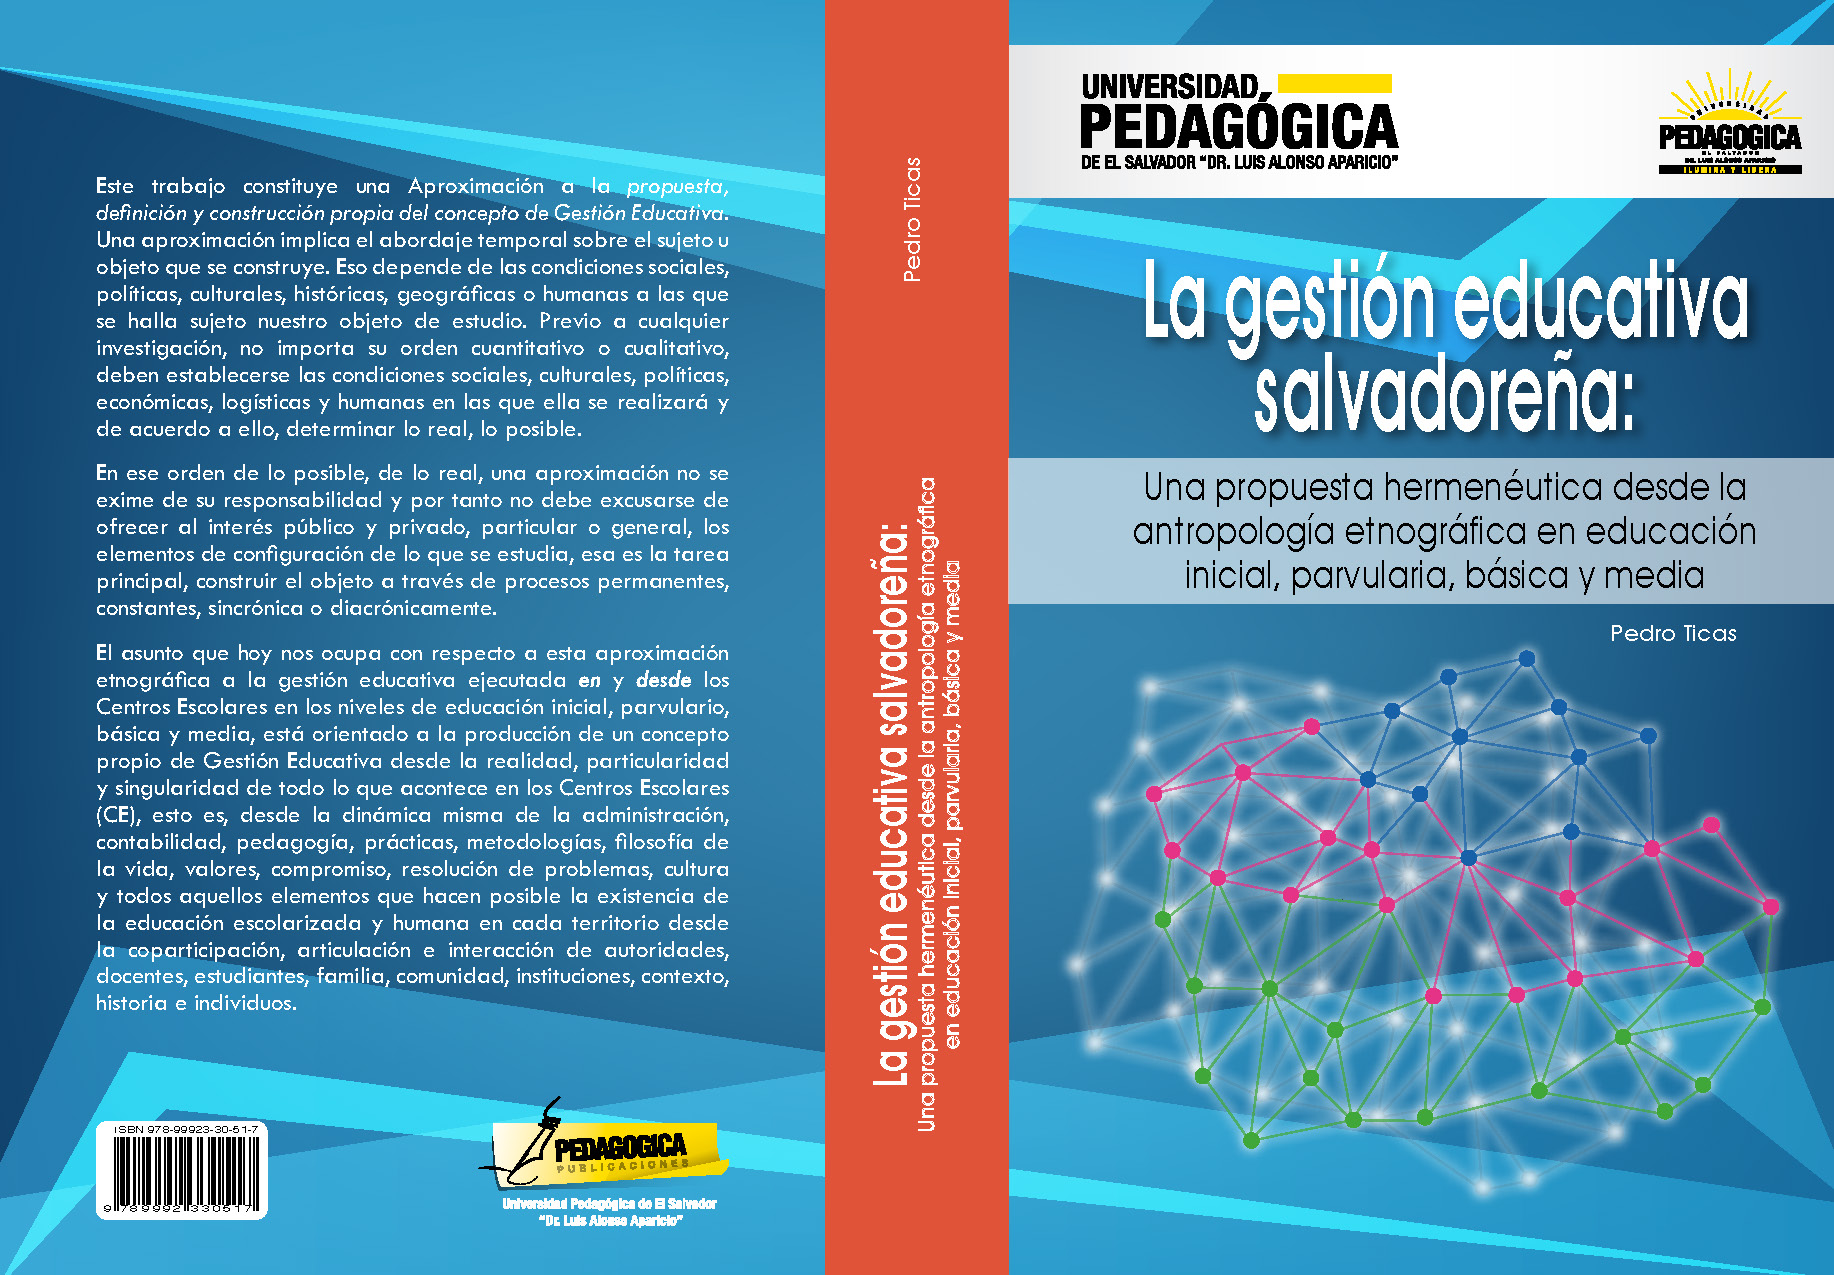 gestion educativa salvadorena